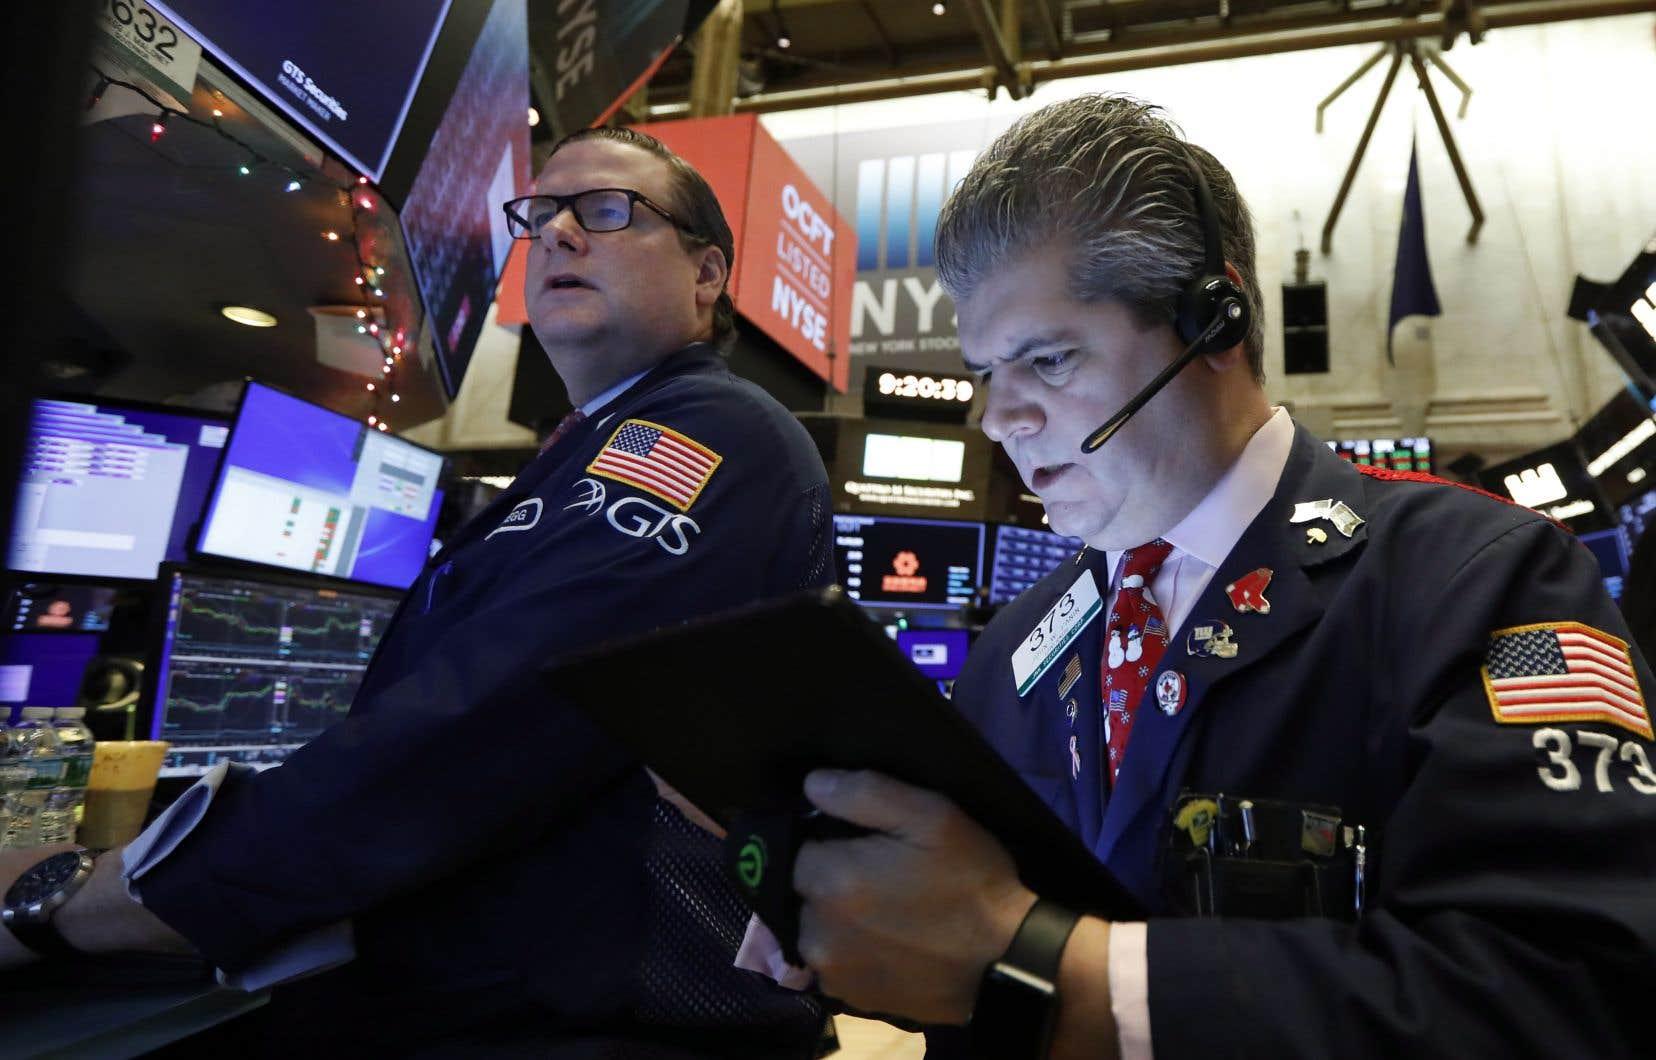 Les projecteurs étaient aussi dirigés vers le S&P 500, indice de référence à la Bourse de New York, qui avançait de 0,5% pour établir un nouveau record de fermeture. À 3239,91points, son augmentation depuis le début de l'année dépasse les 29%.